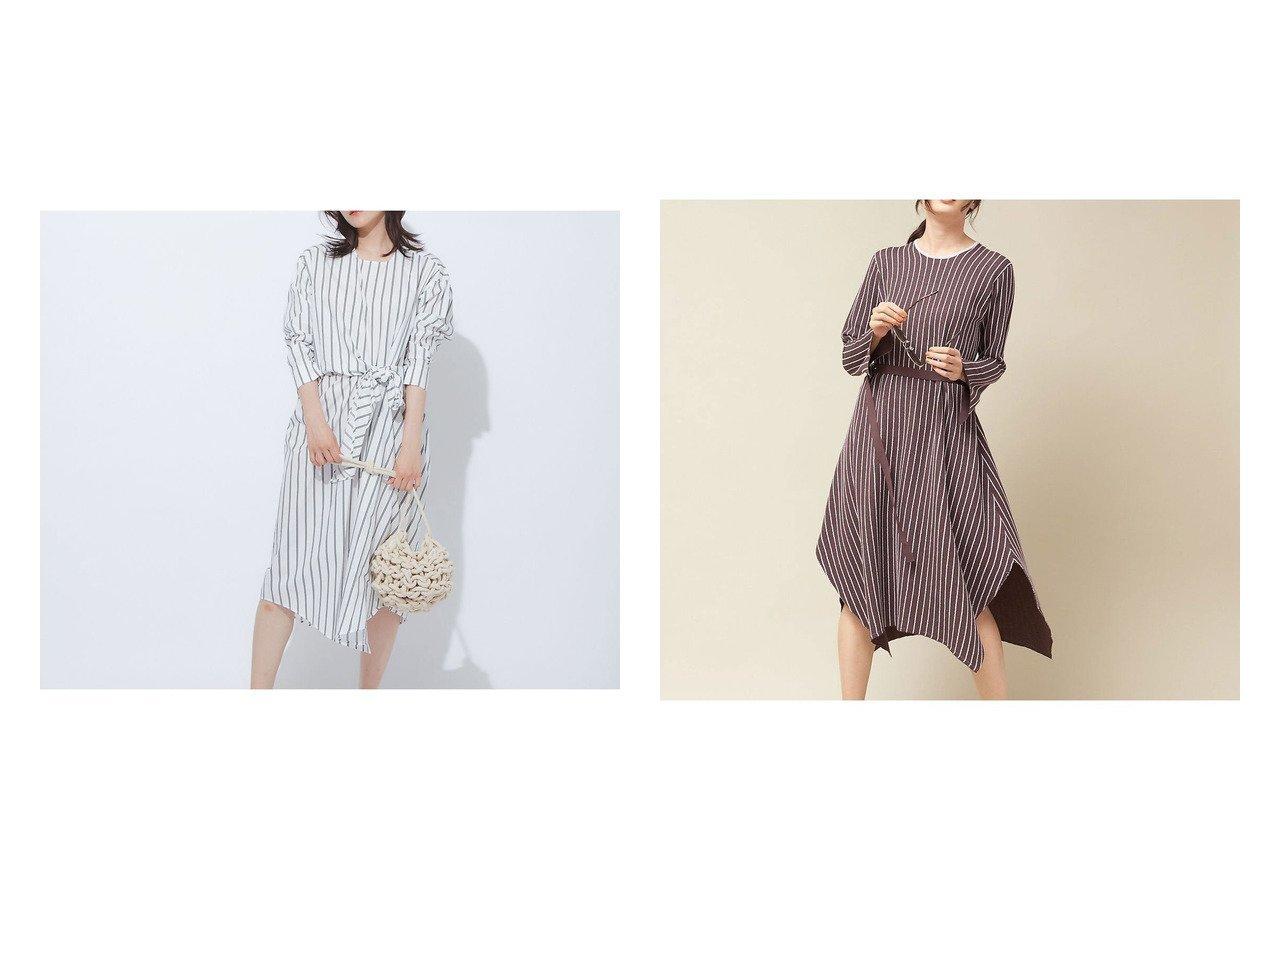 【qualite/カリテ】のストライプウエストクロスワンピース&ネップストライプニットワンピース ワンピース・ドレスのおすすめ!人気、トレンド・レディースファッションの通販 おすすめで人気の流行・トレンド、ファッションの通販商品 メンズファッション・キッズファッション・インテリア・家具・レディースファッション・服の通販 founy(ファニー) https://founy.com/ ファッション Fashion レディースファッション WOMEN ワンピース Dress ニットワンピース Knit Dresses 2020年 2020 2020 春夏 S/S SS Spring/Summer 2020 S/S 春夏 SS Spring/Summer エレガント サンダル シンプル ストライプ フレア リボン ロング 春 Spring |ID:crp329100000016185